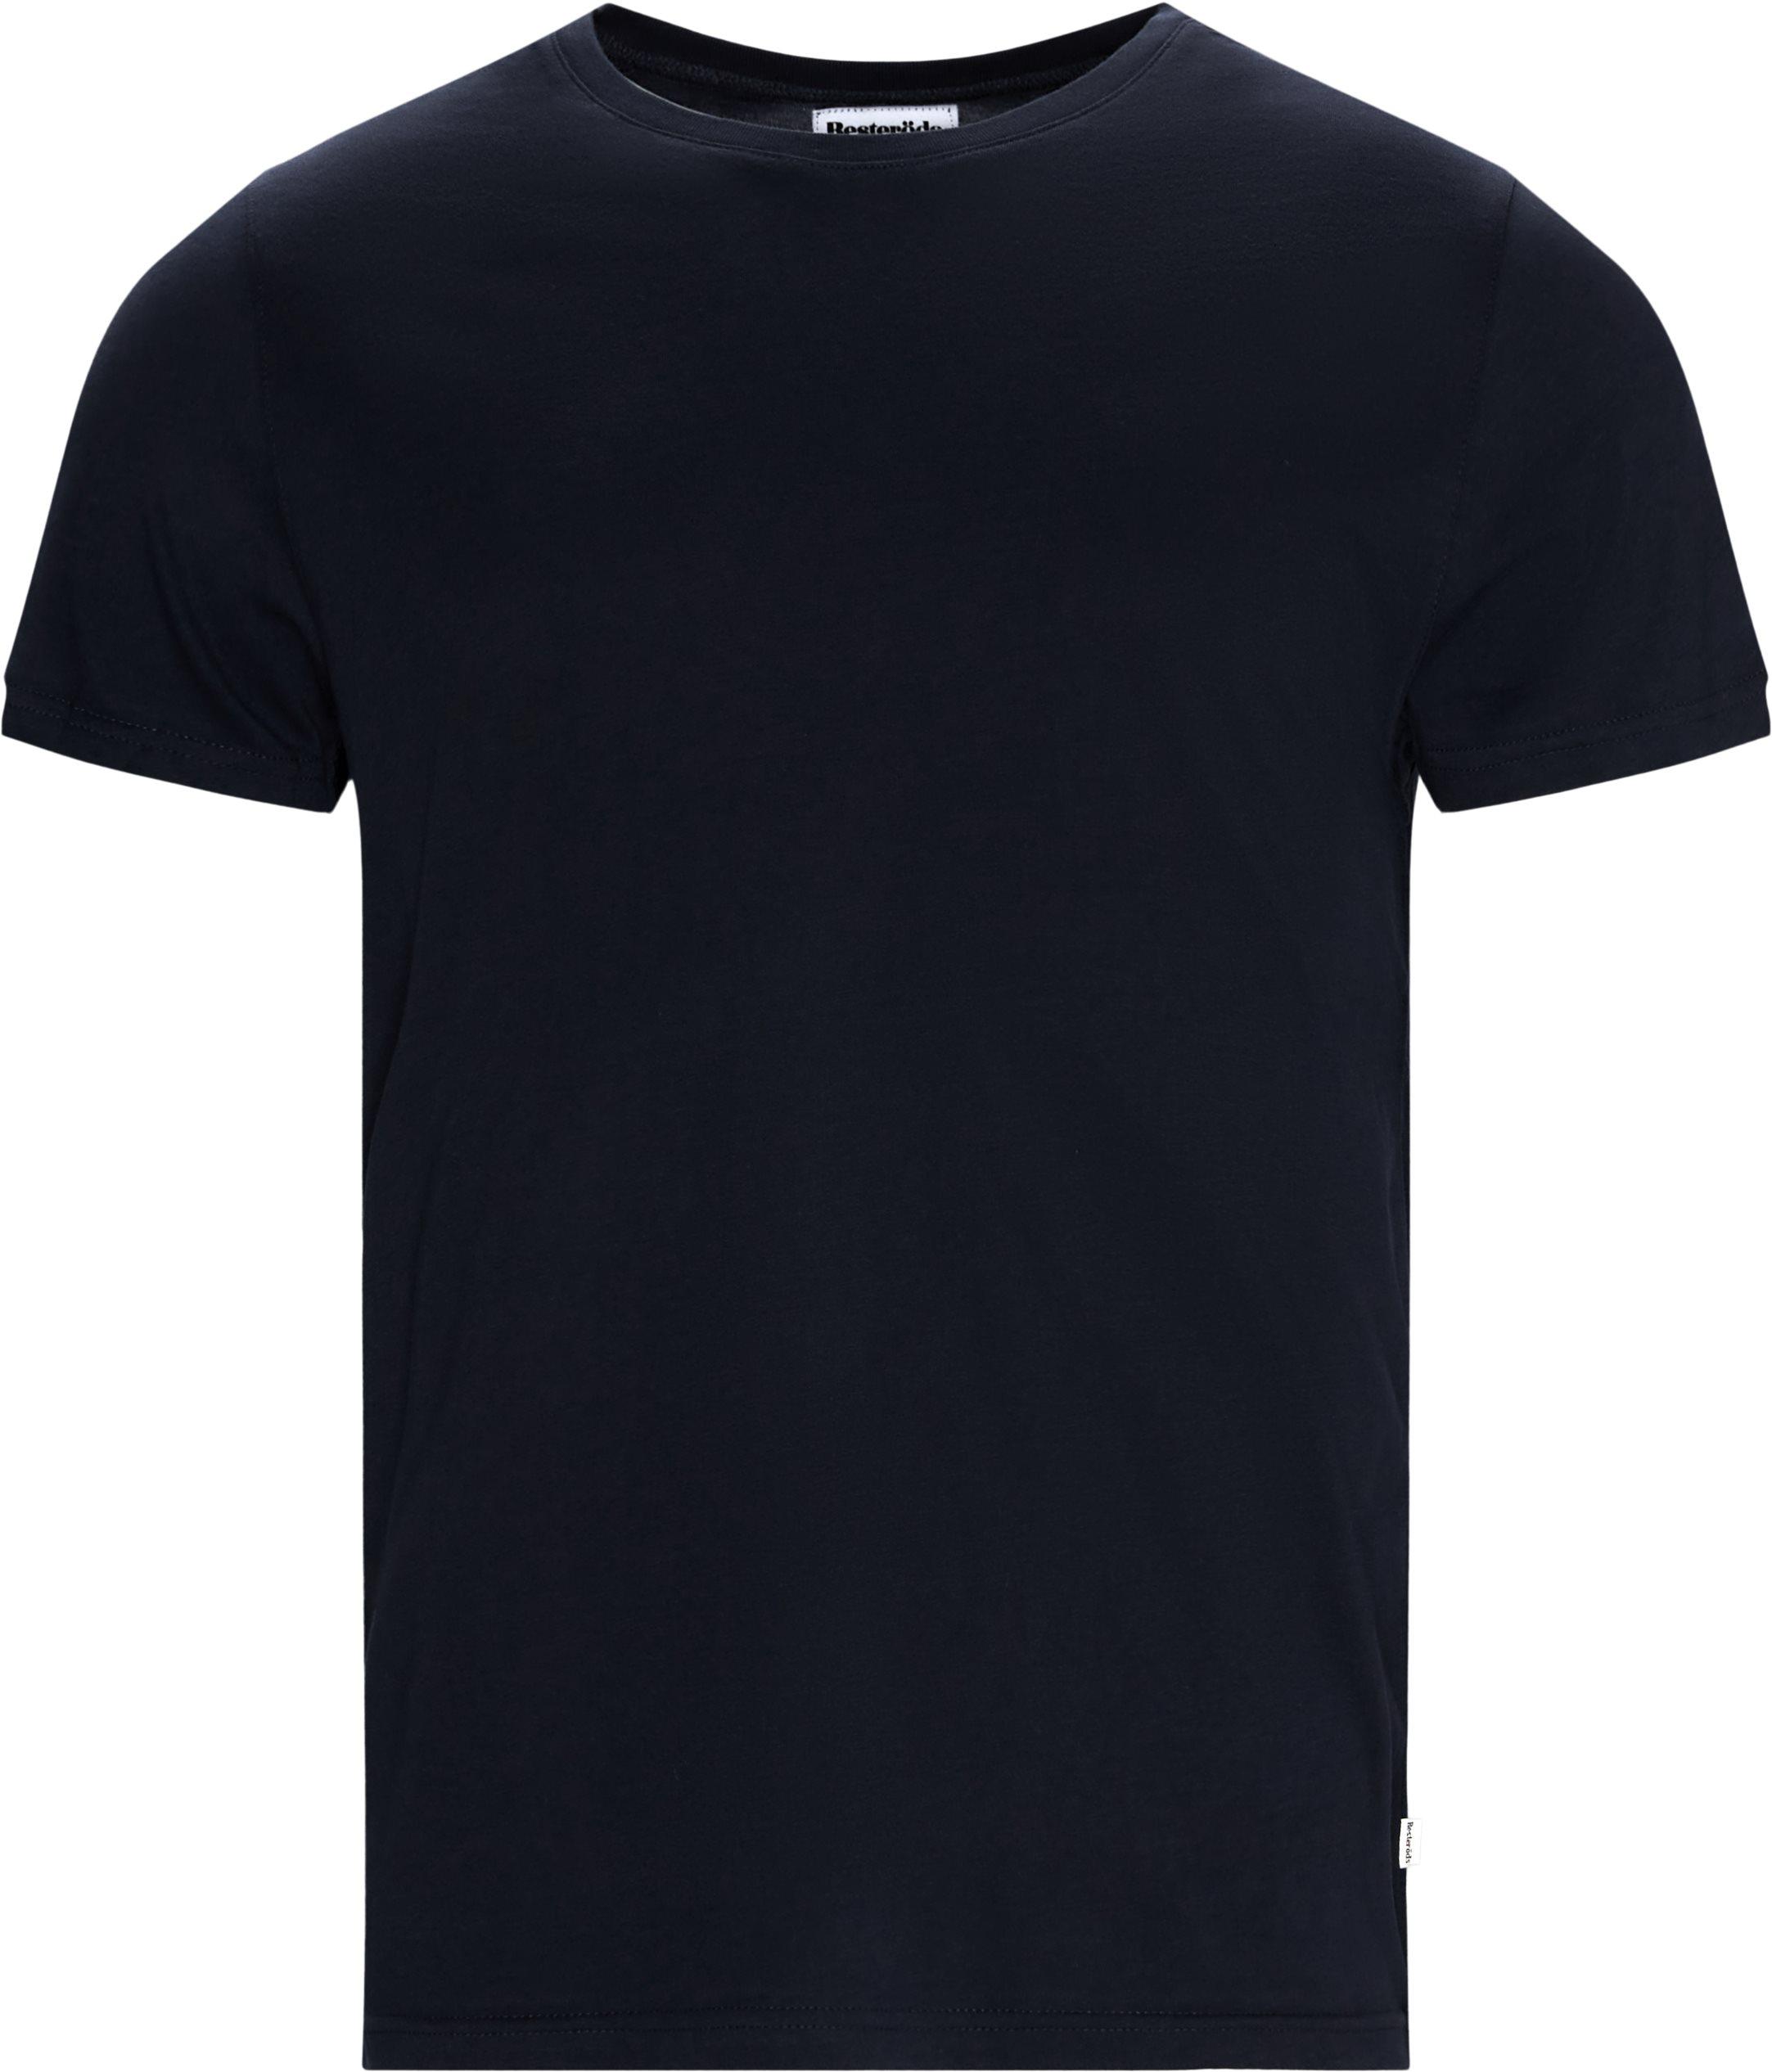 O-Neck Tee - T-shirts - Regular - Blå